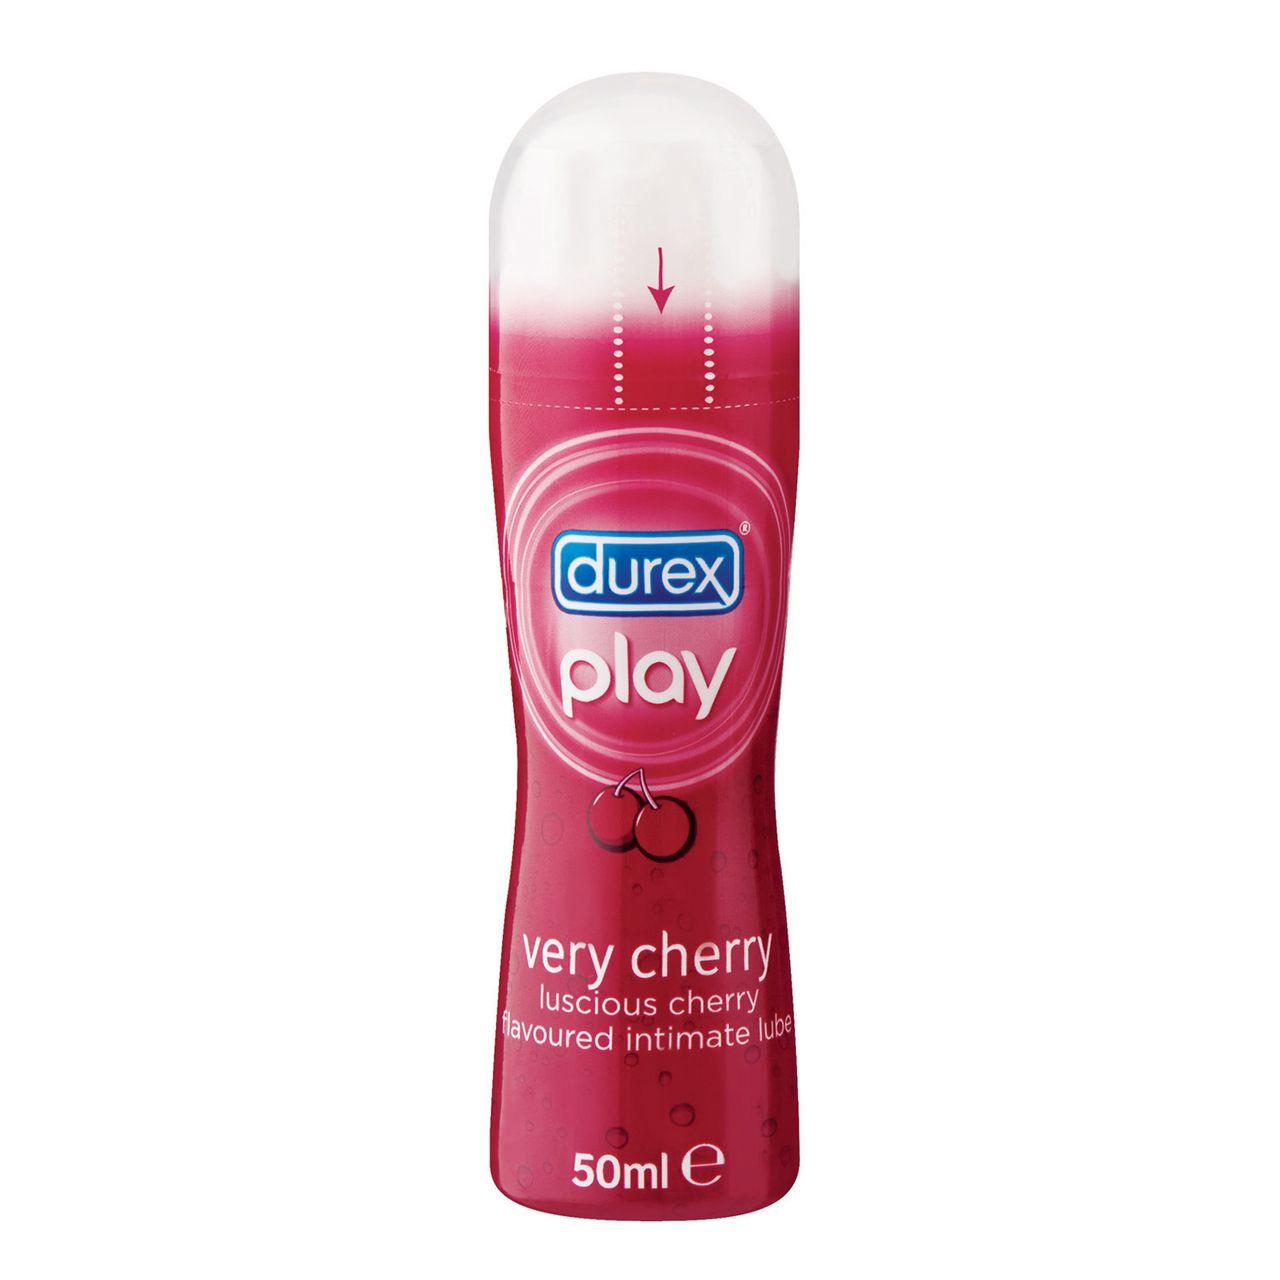 Durex Very Cherry